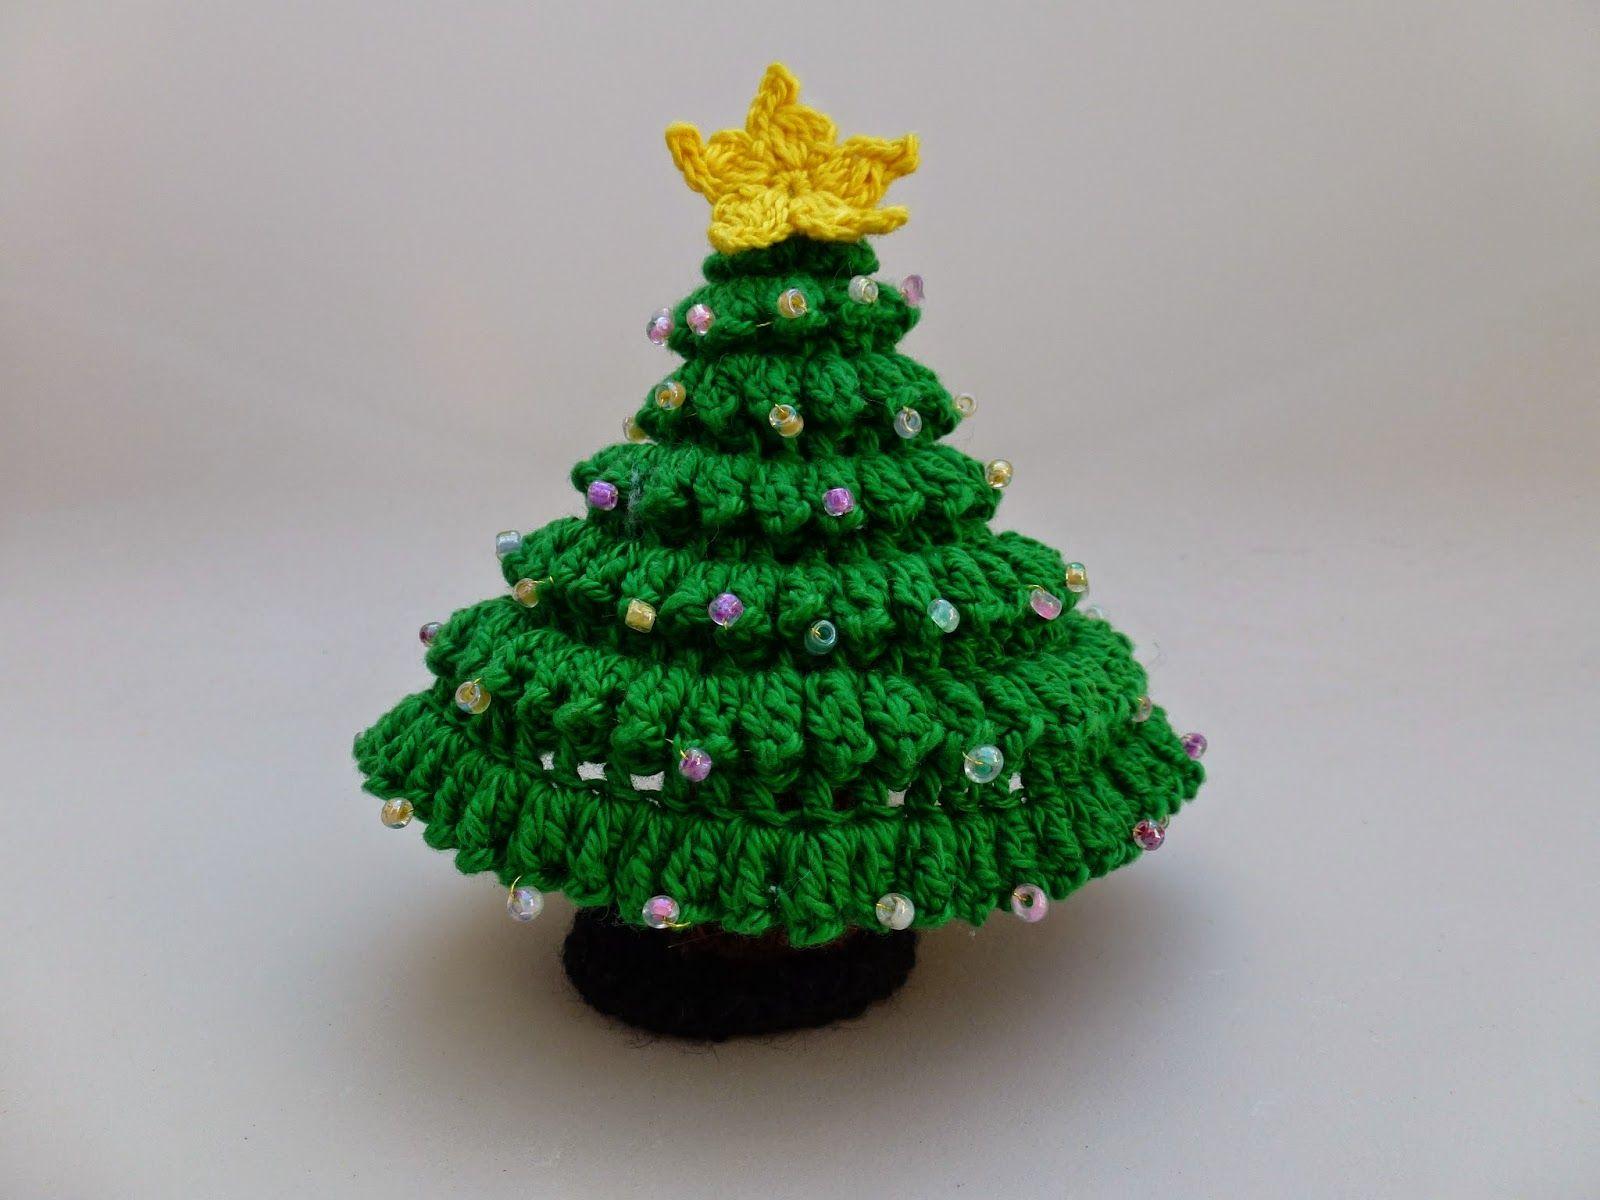 Tutorial De Amigurumis Navideños : Gumiario arbol de navidad amigurumis patrón gratis pattern